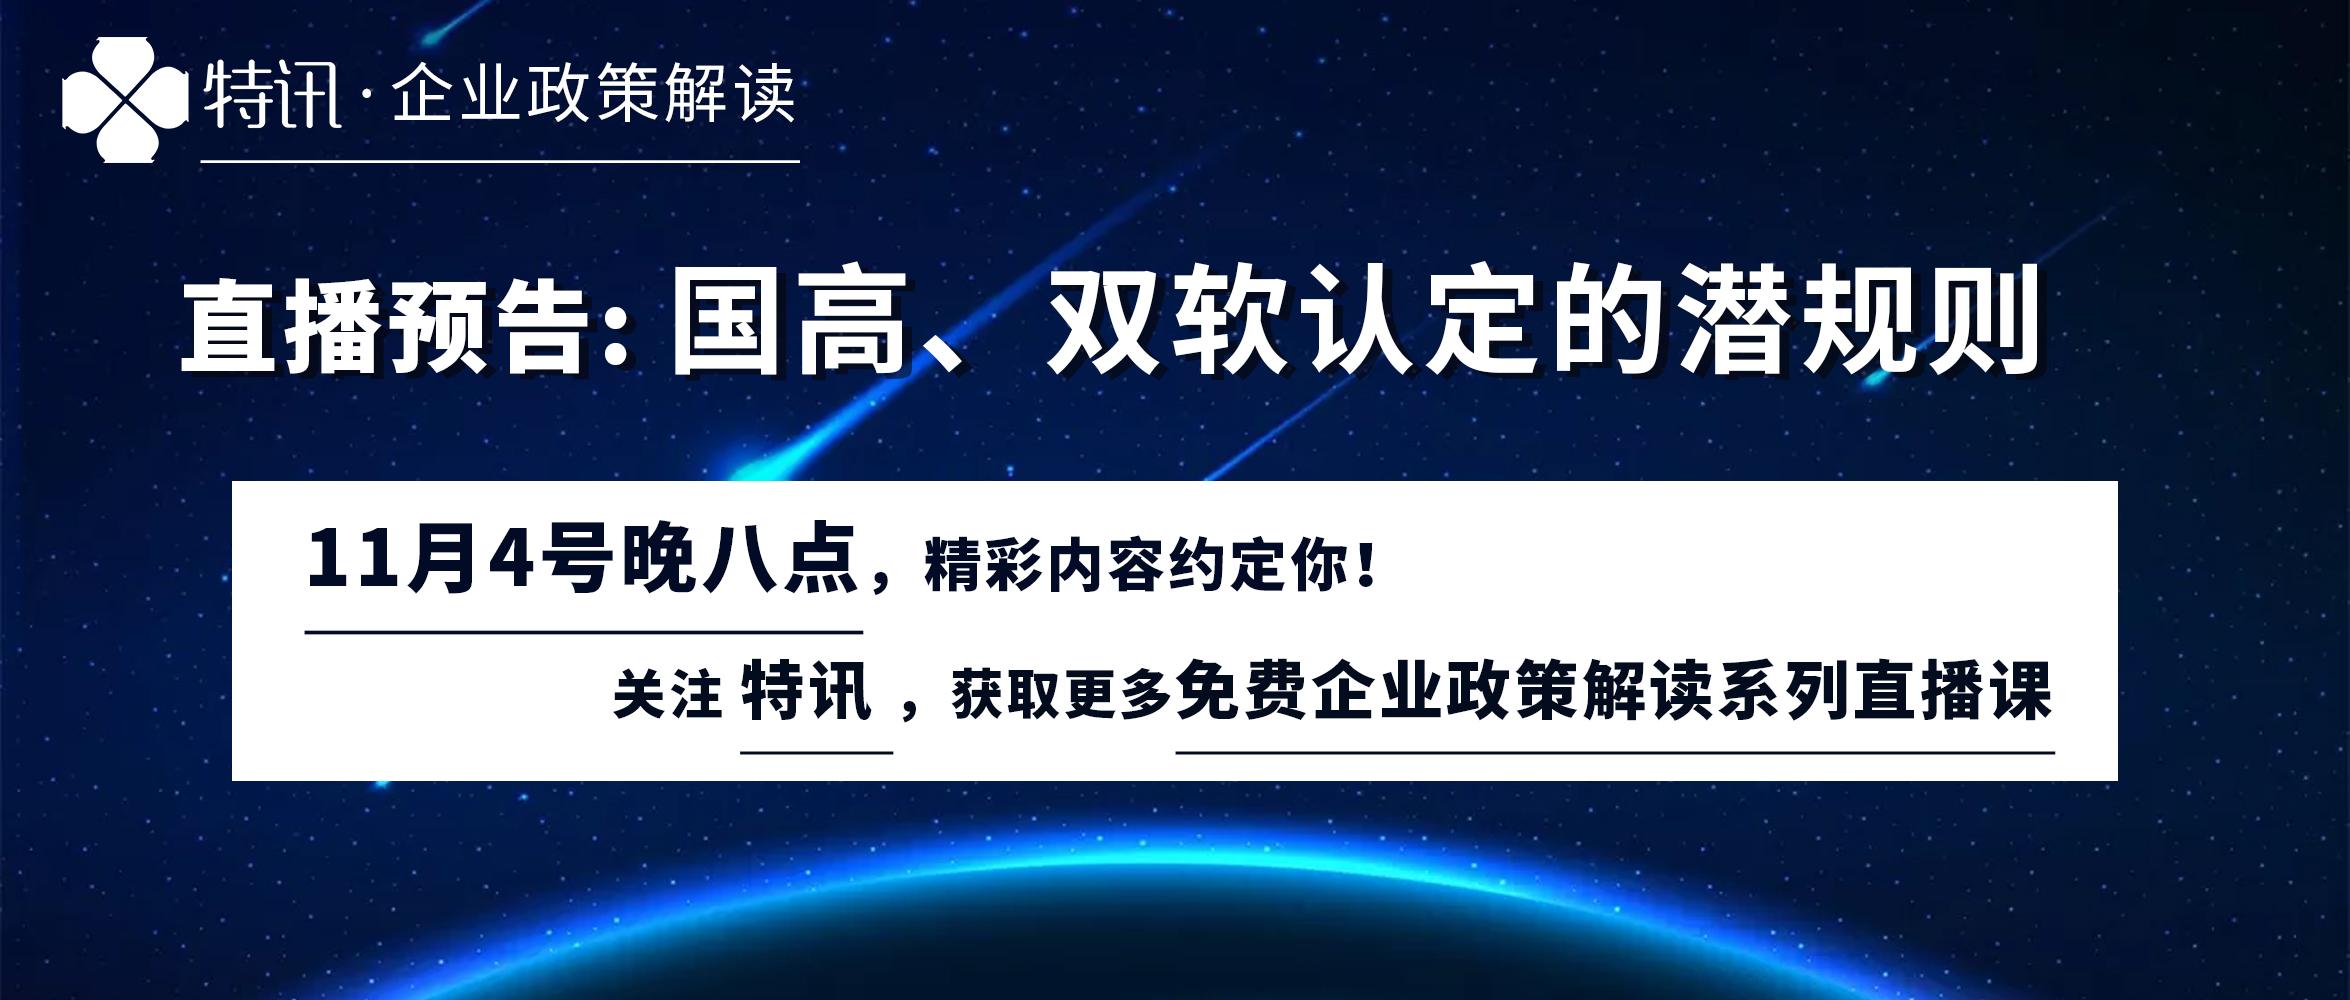 直播预告:特讯·企业政策解读之深圳市贷款贴息政策全解读